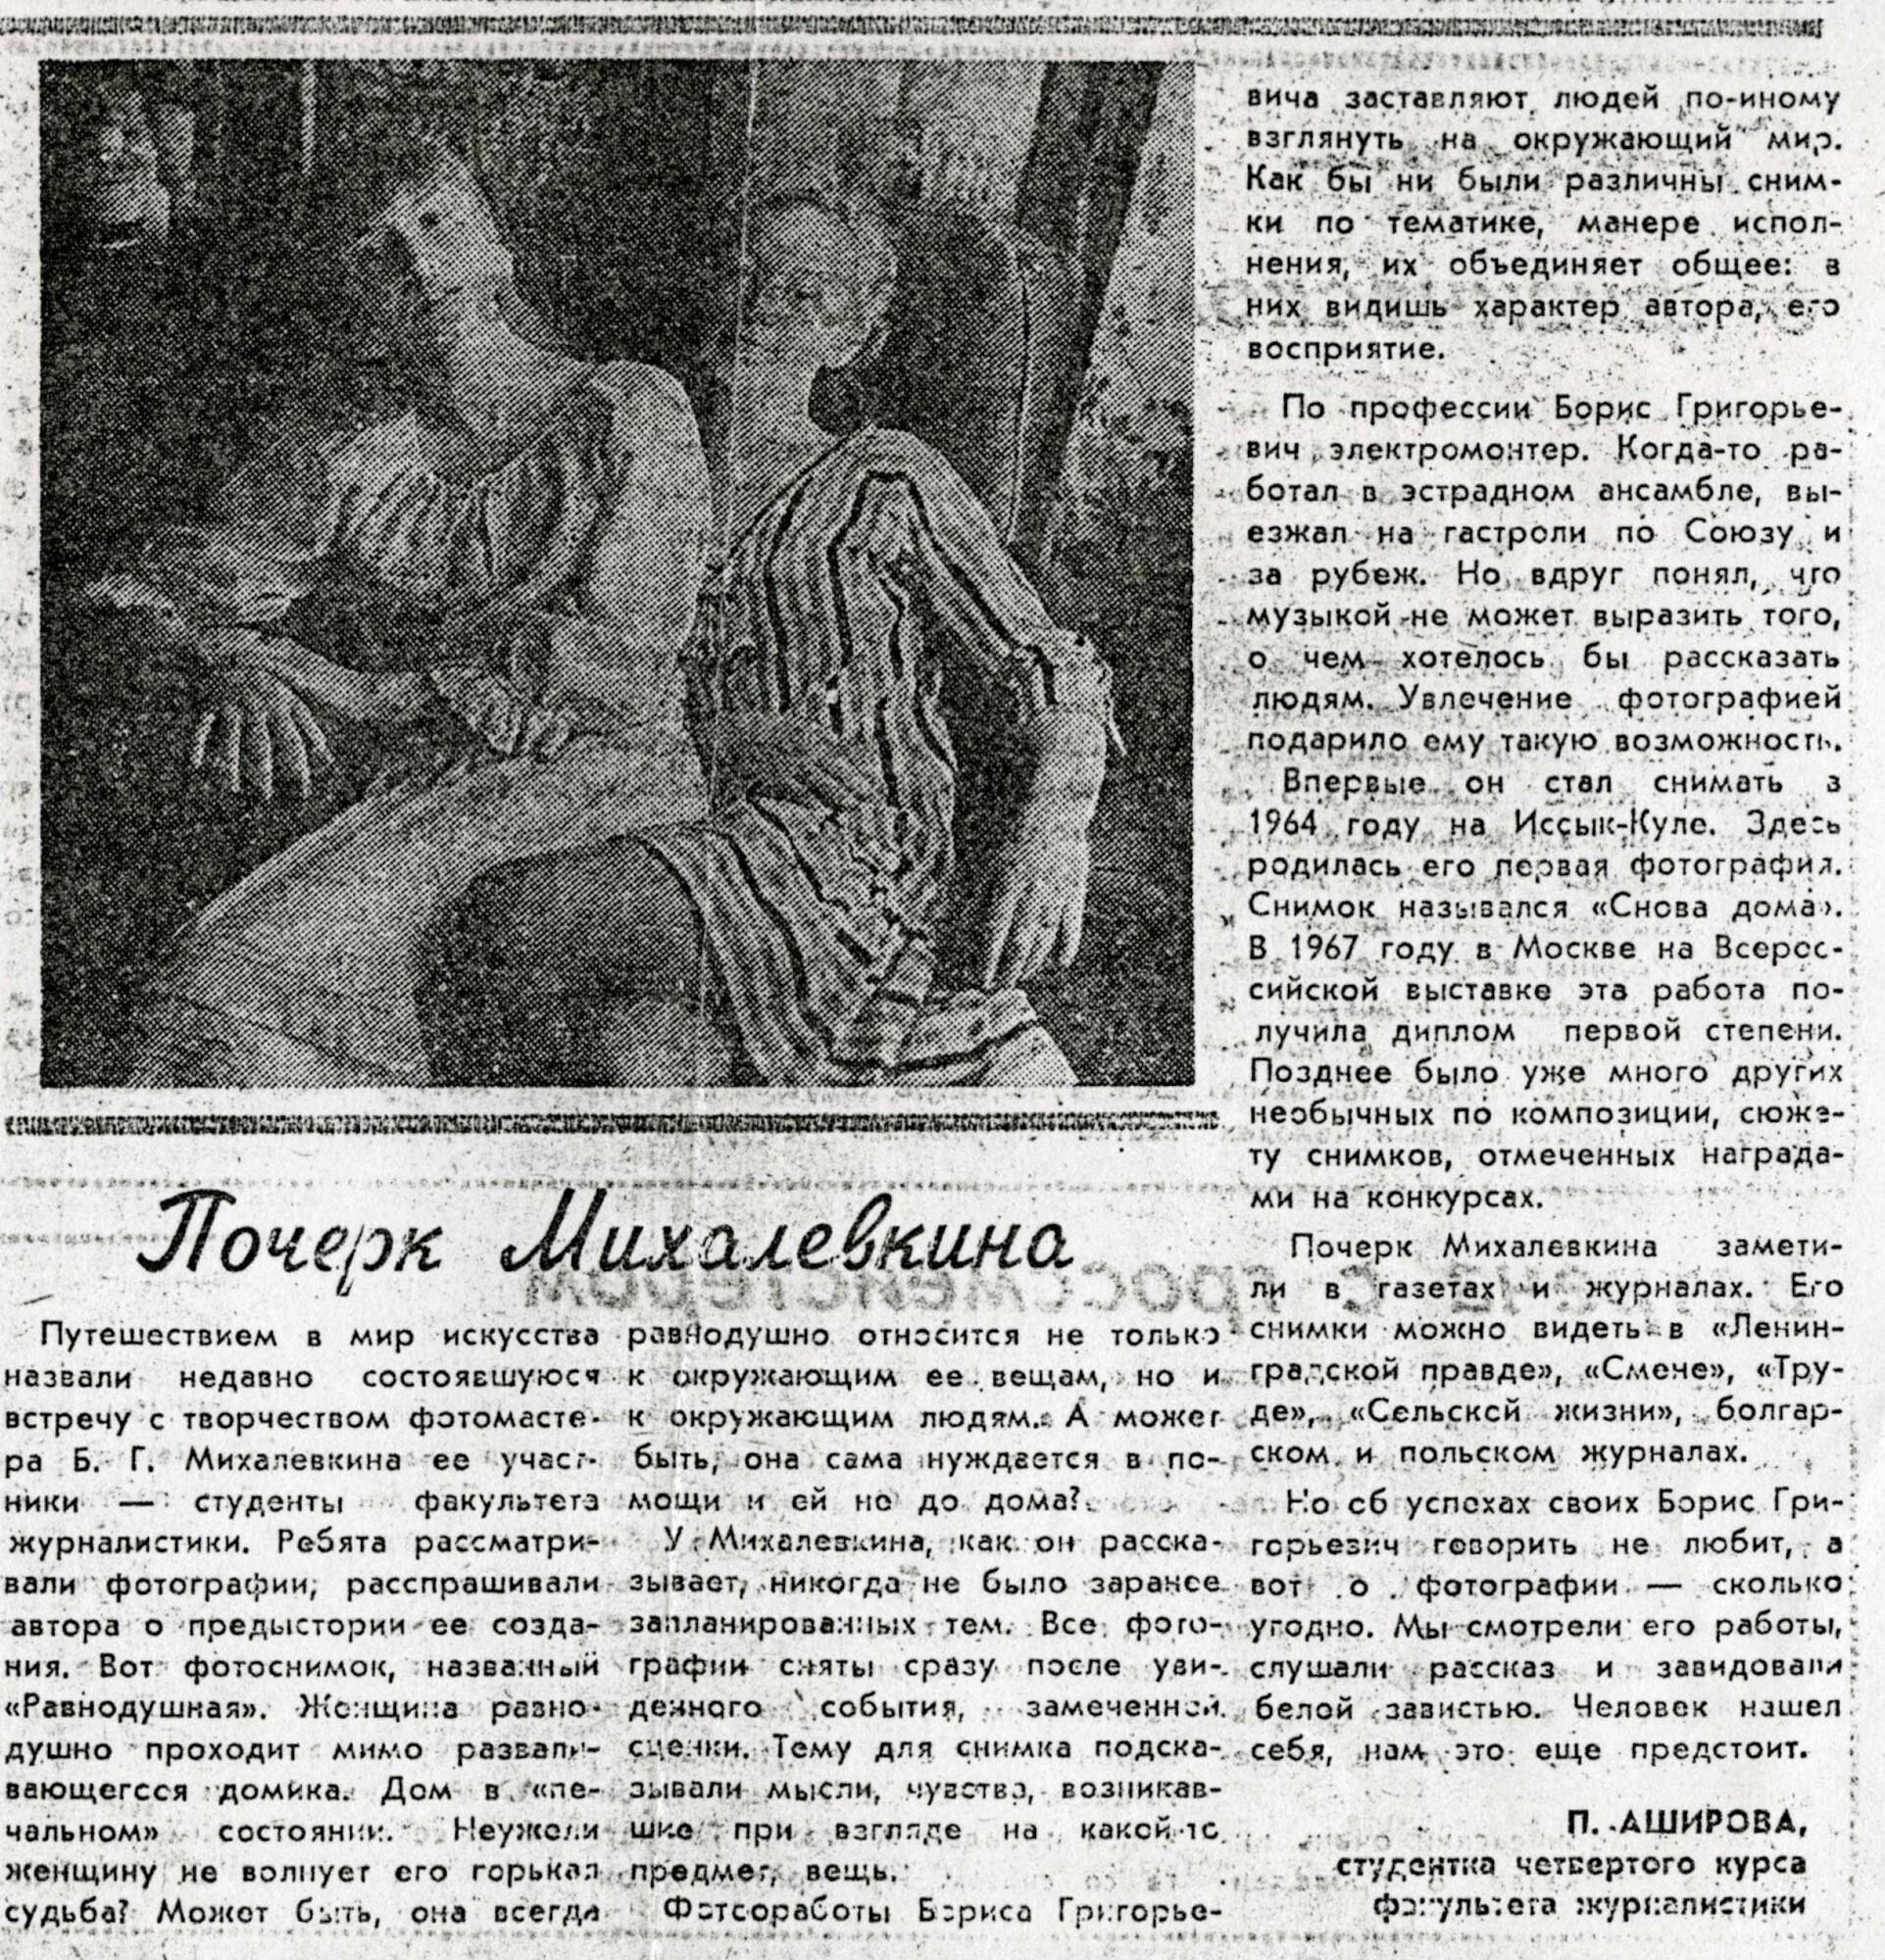 """Газета """"Ленинградский университет"""".  13 декабря 1985 года Почерк Михалевкина"""